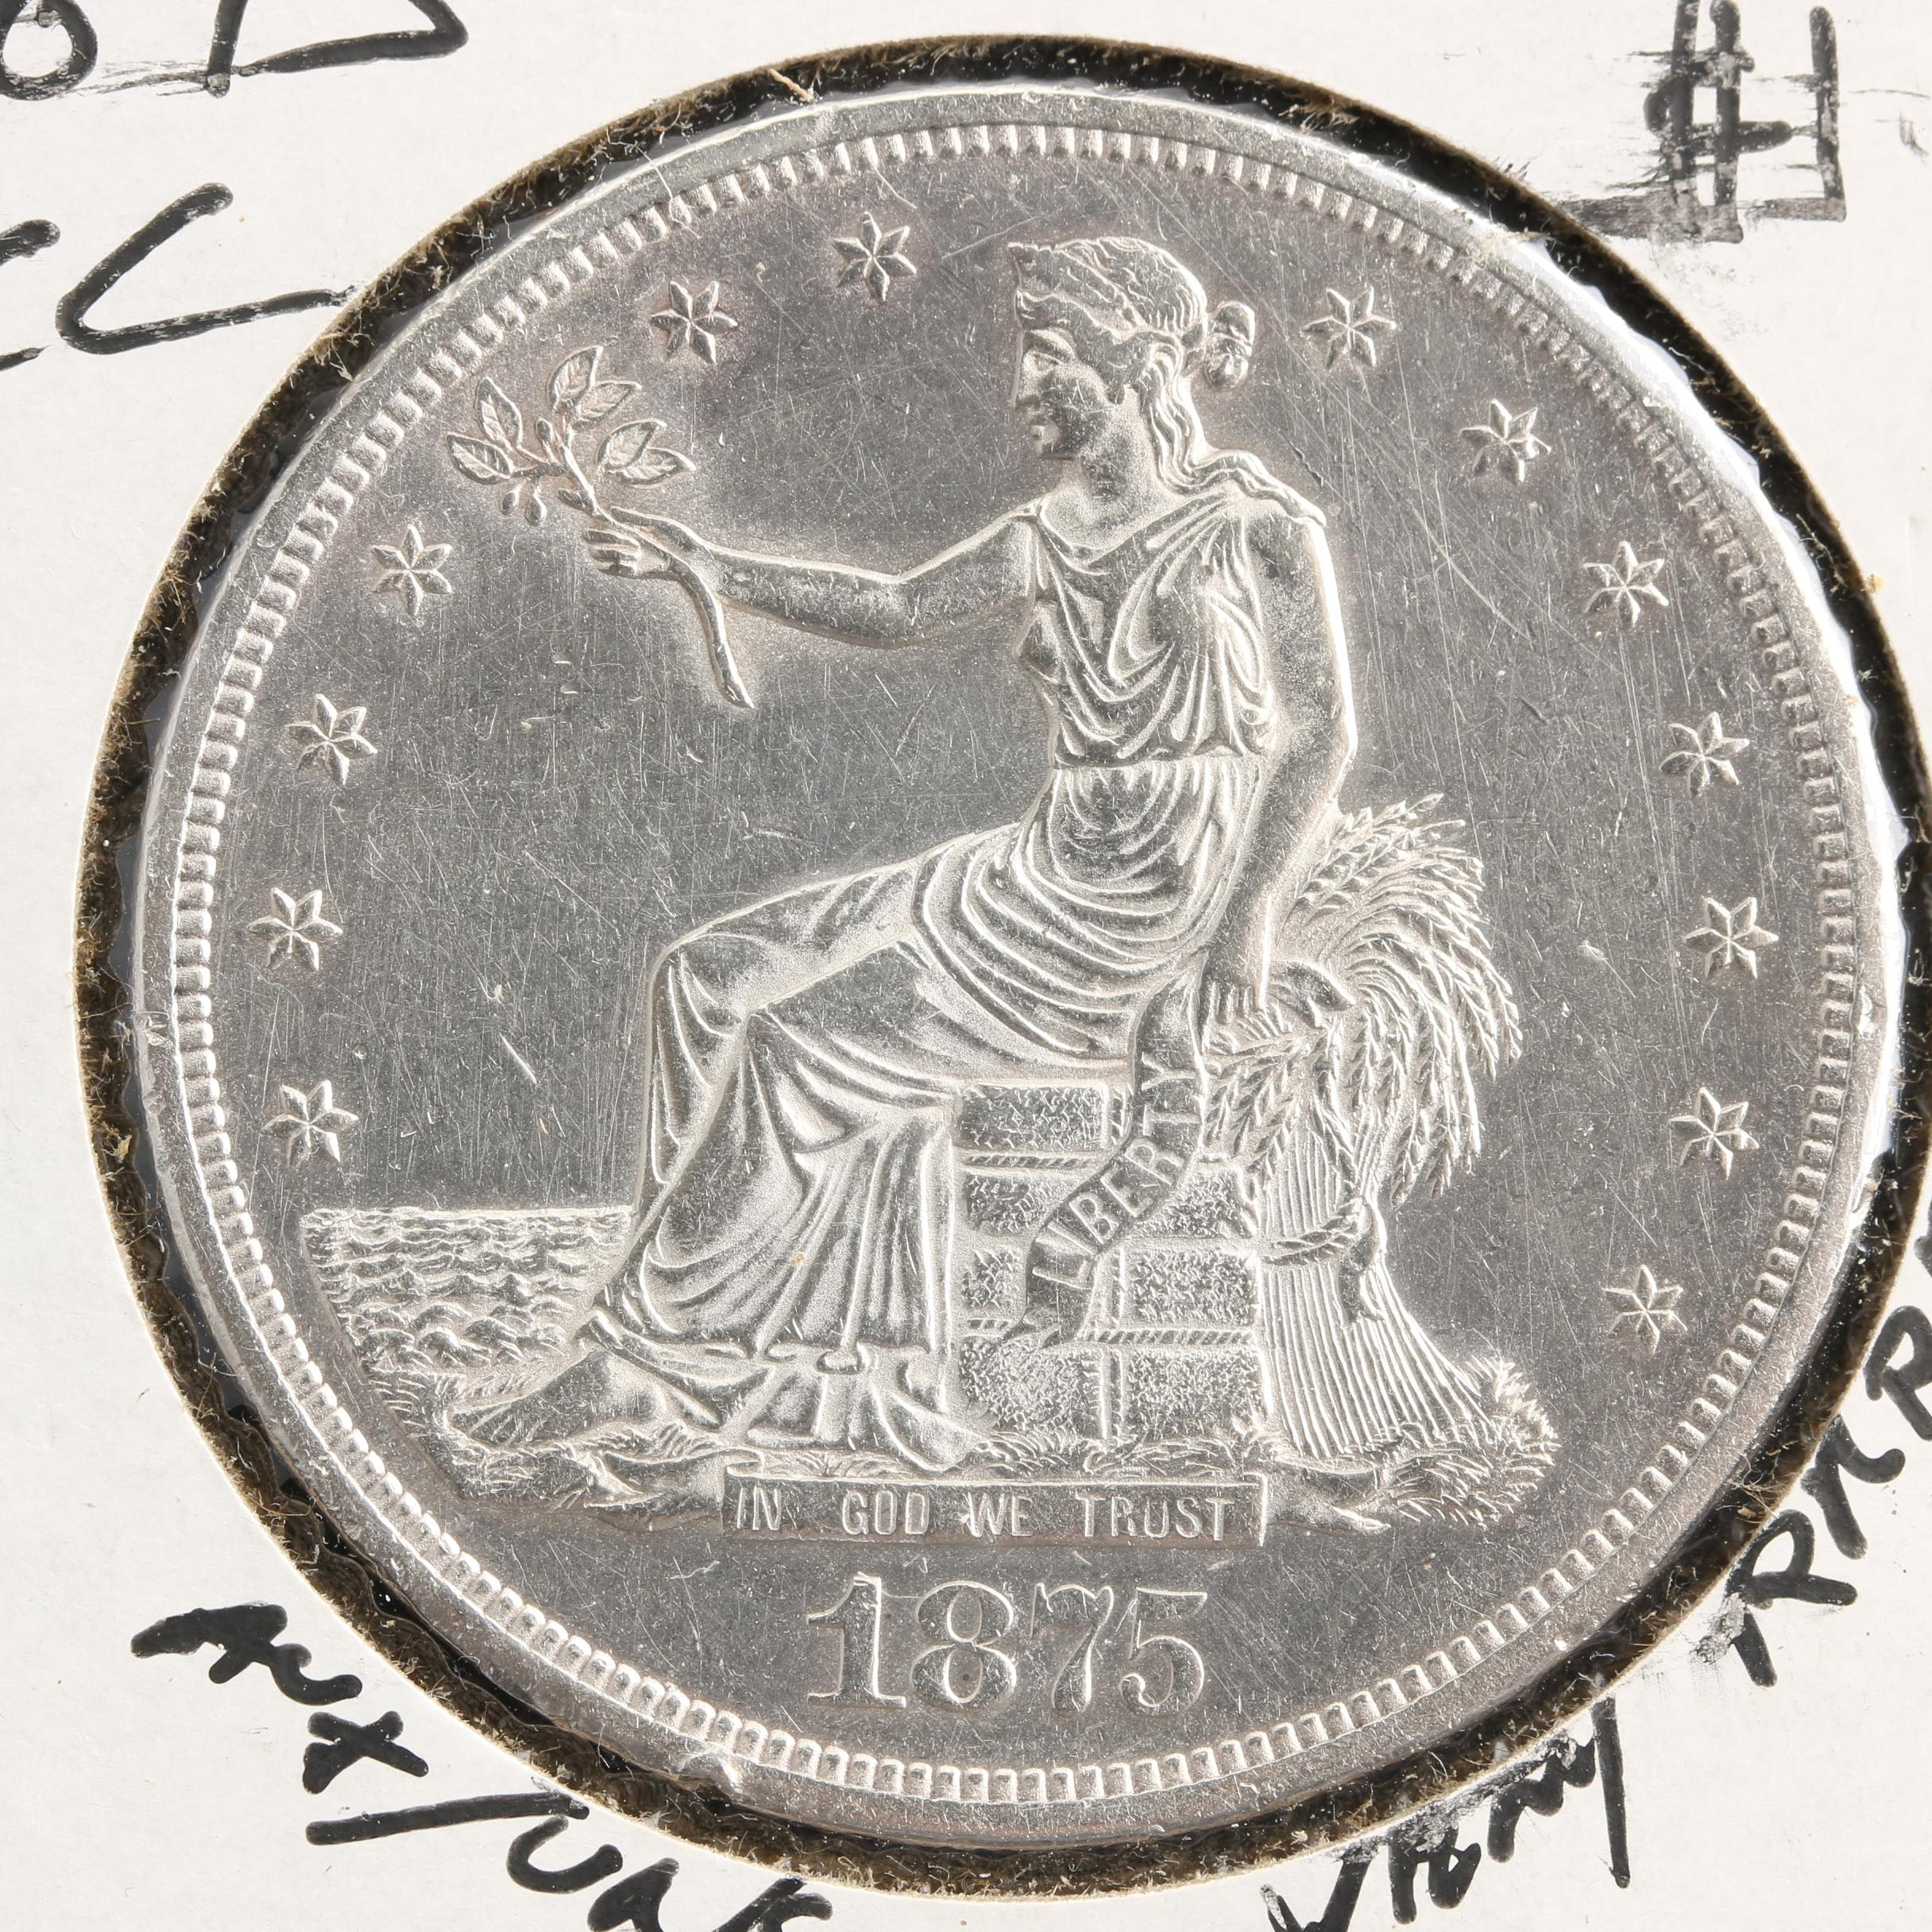 1875 Carson City Silver Trade Dollar